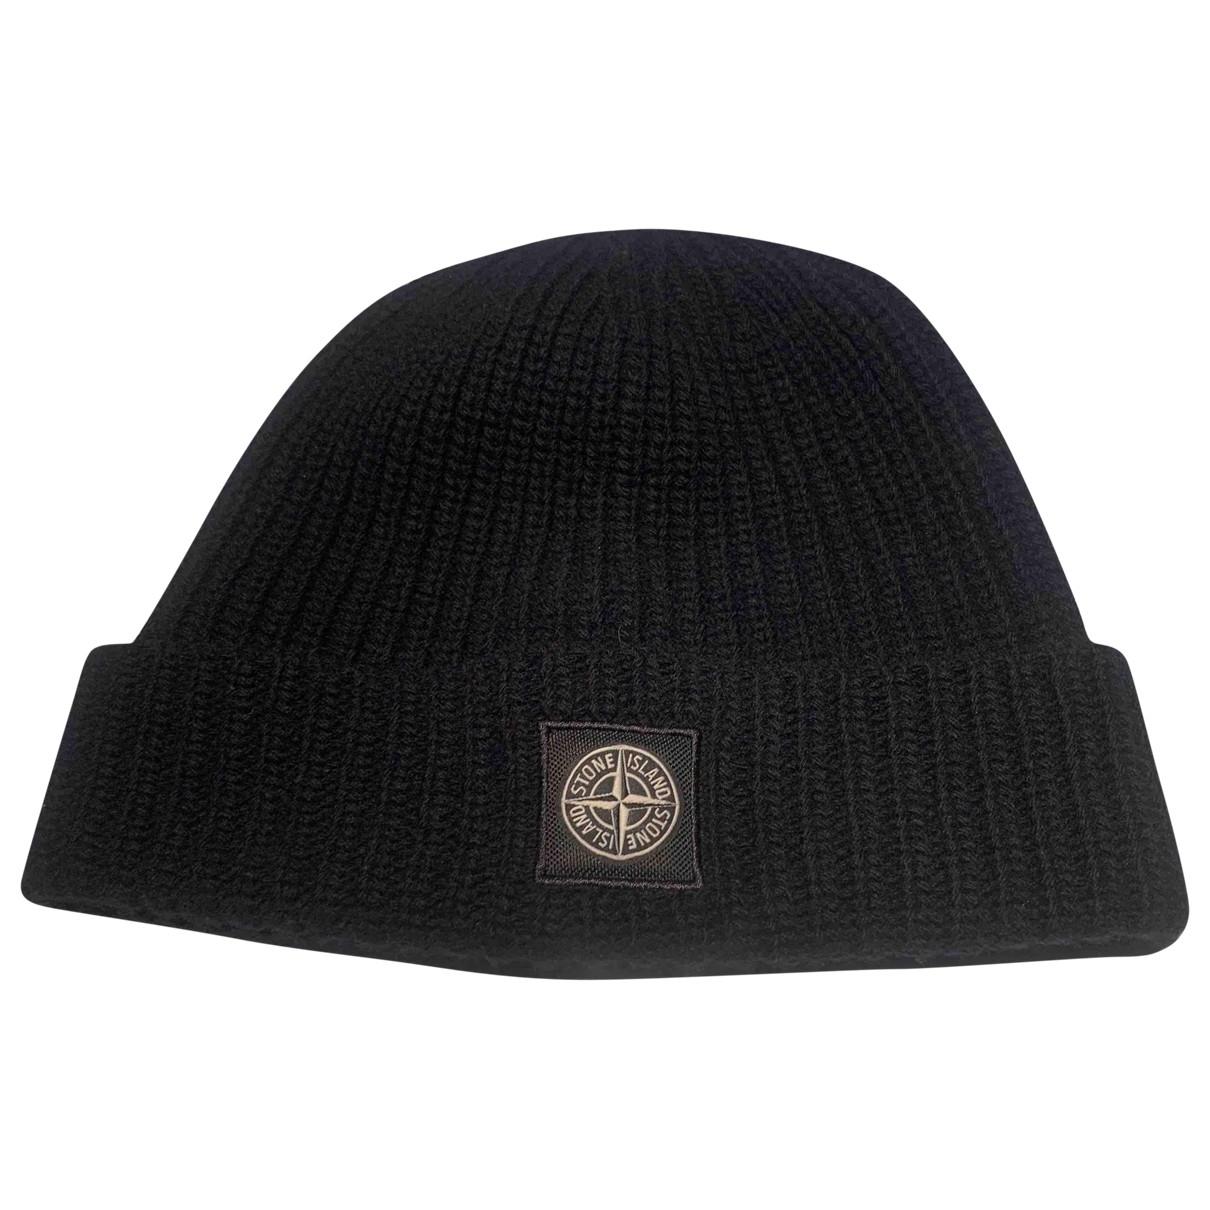 Stone Island - Chapeau & Bonnets   pour homme en laine - noir